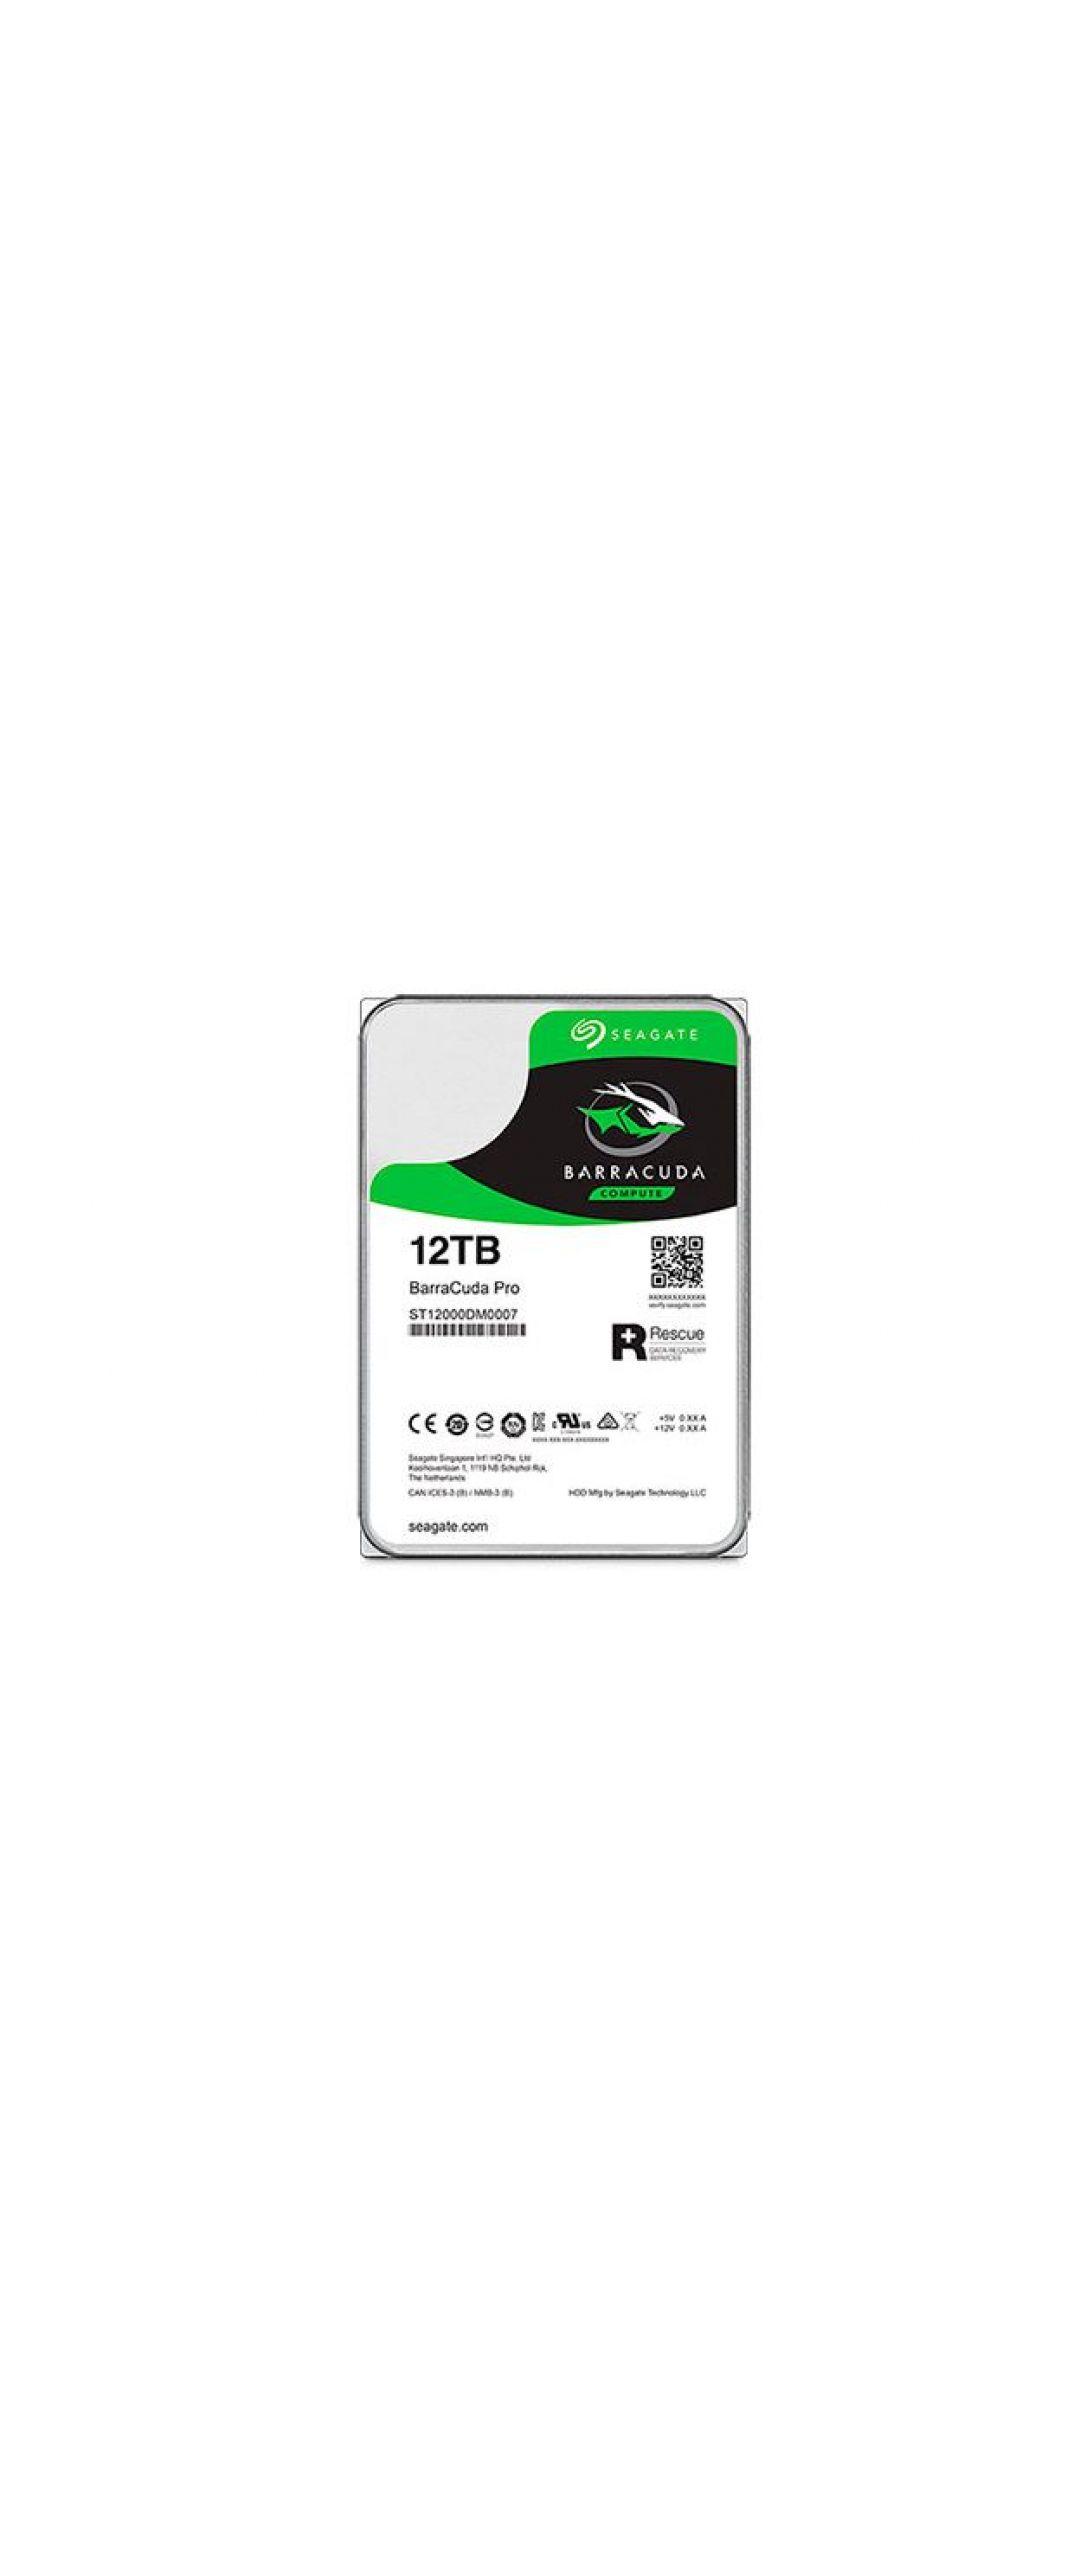 Seagate BarraCuda Pro es un nuevo disco duro de 12 TB